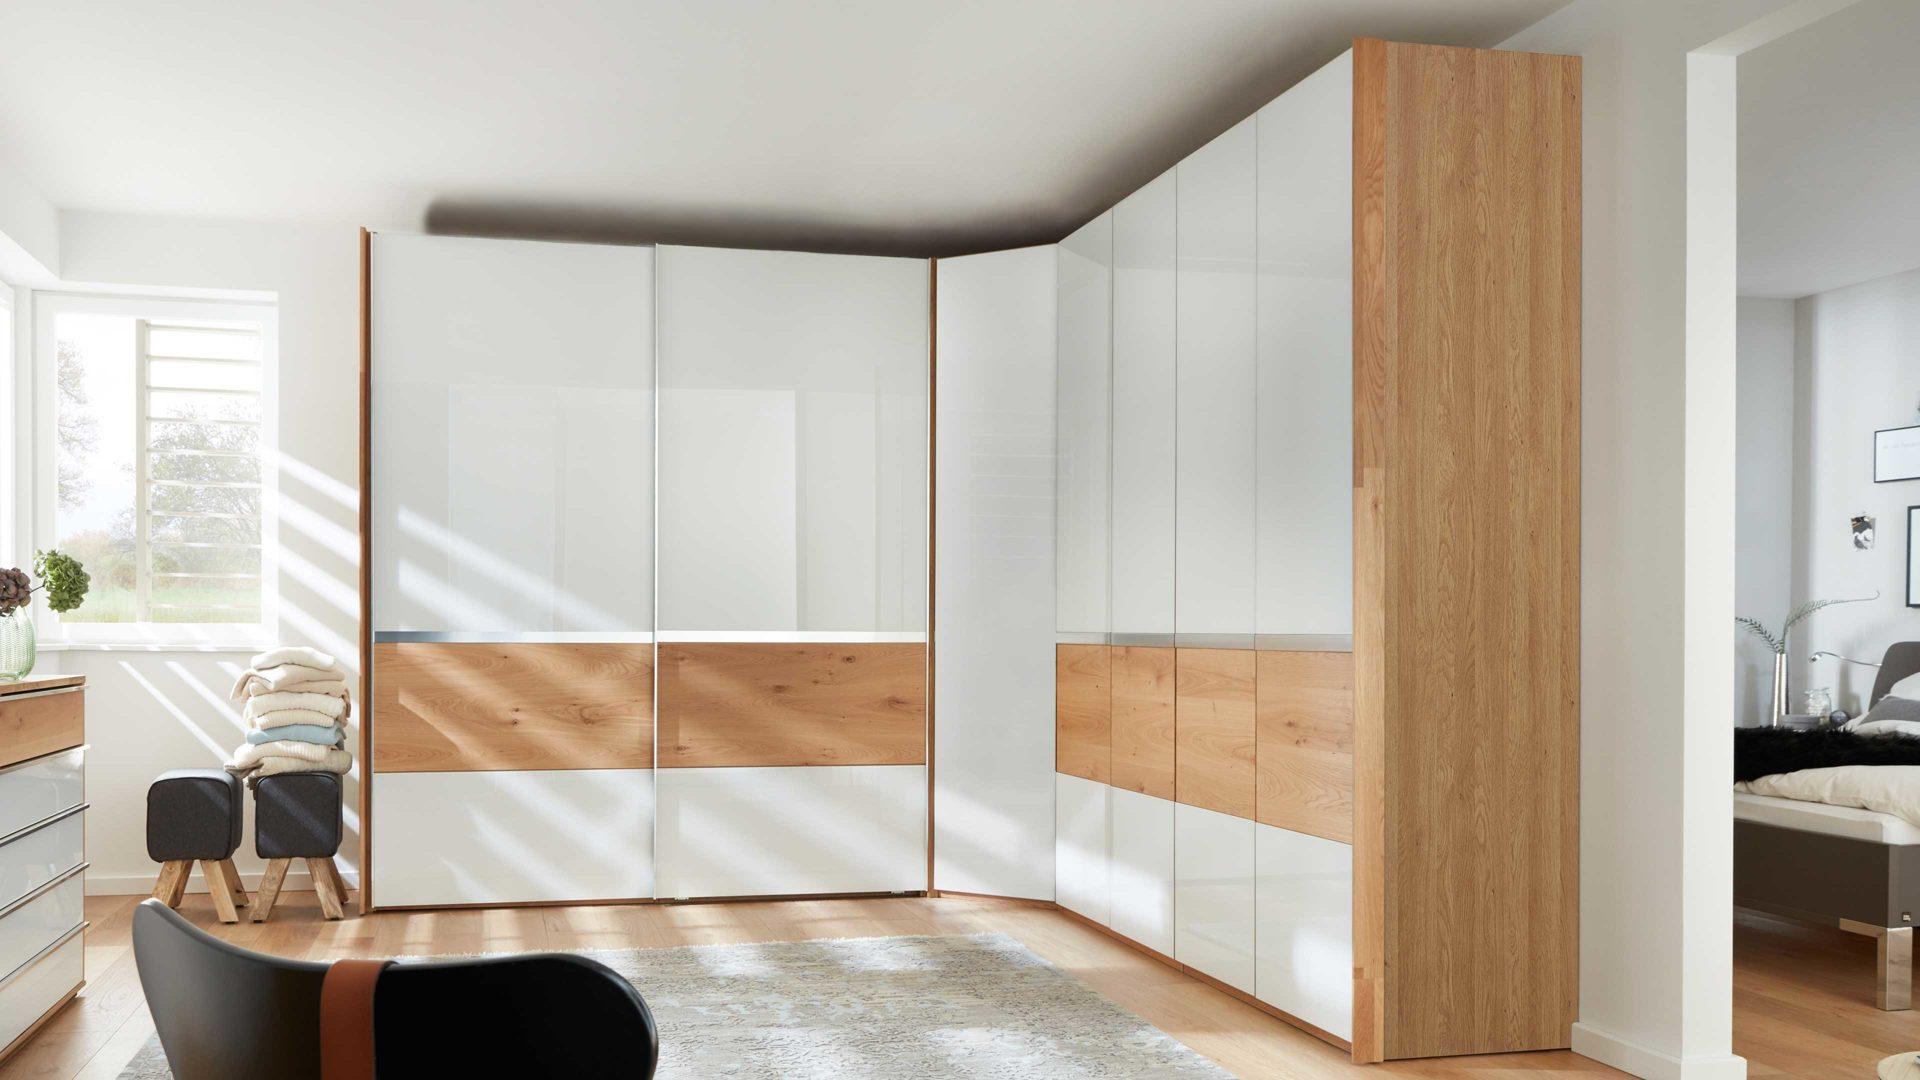 Interliving Schlafzimmer Serie 1202 Eckschrankkombination Teilmassive